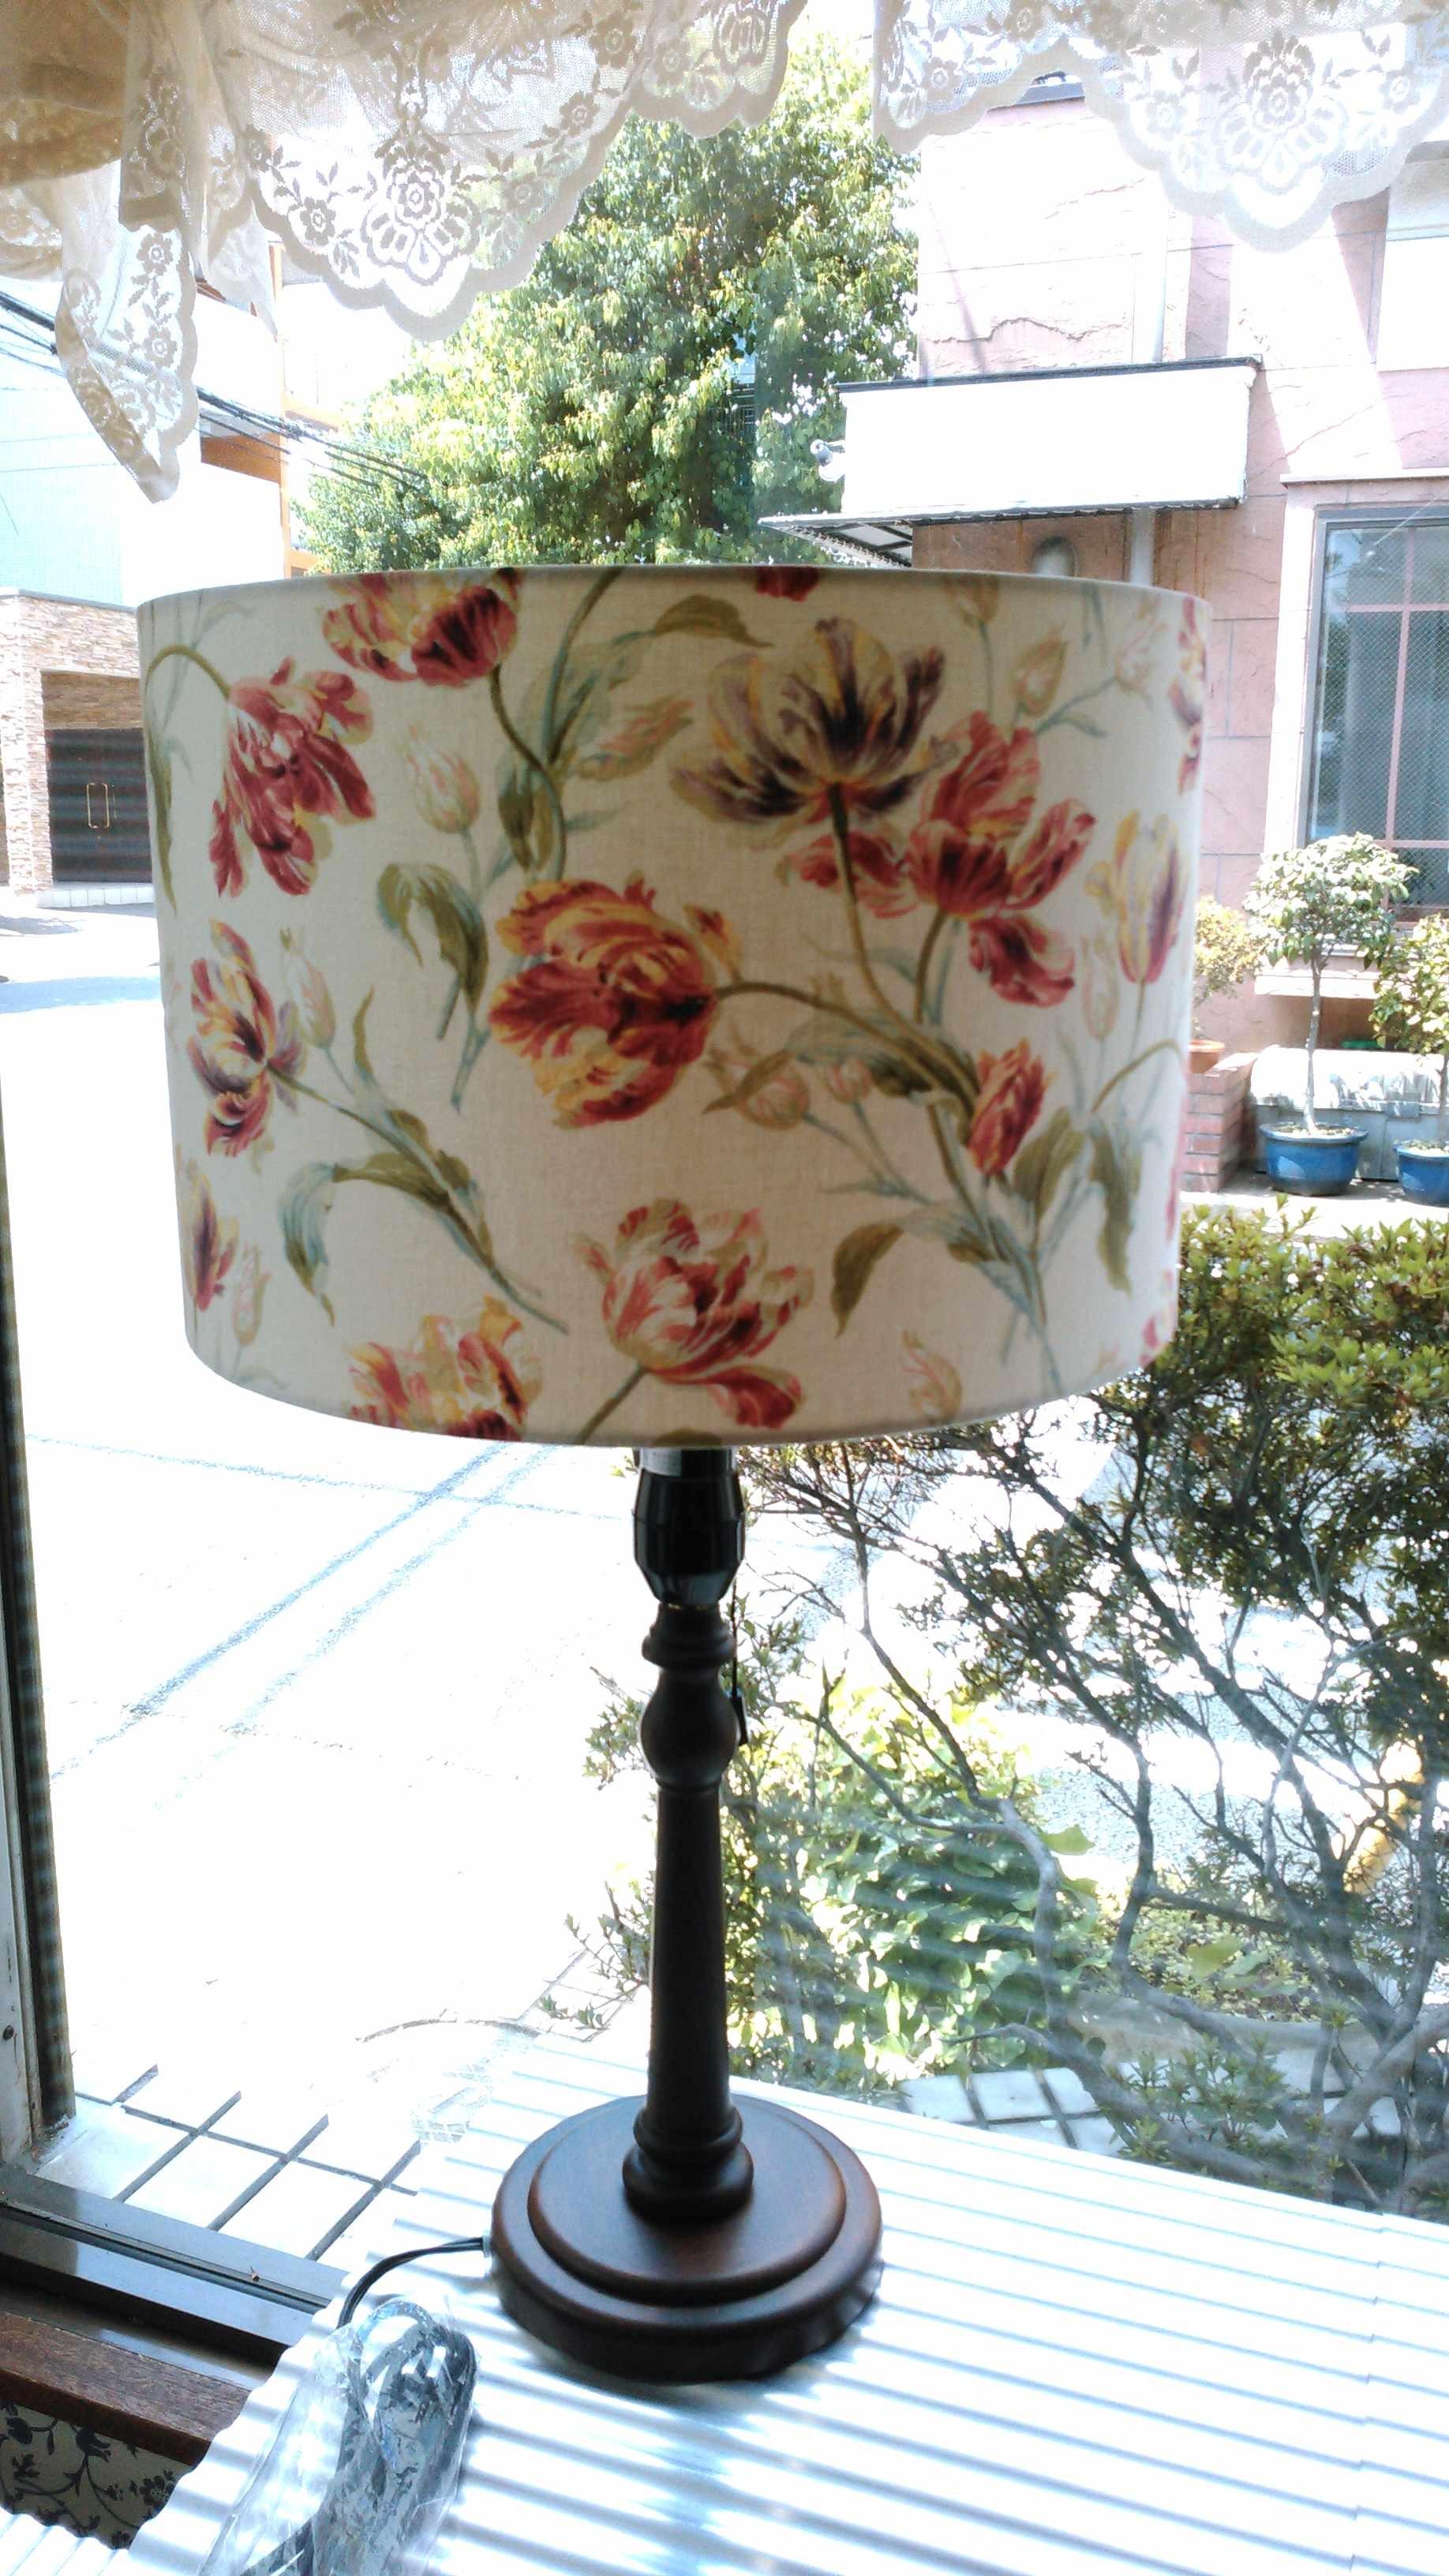 ランプシェード 製作 モリス正規販売店のブライト_c0157866_17453971.jpg